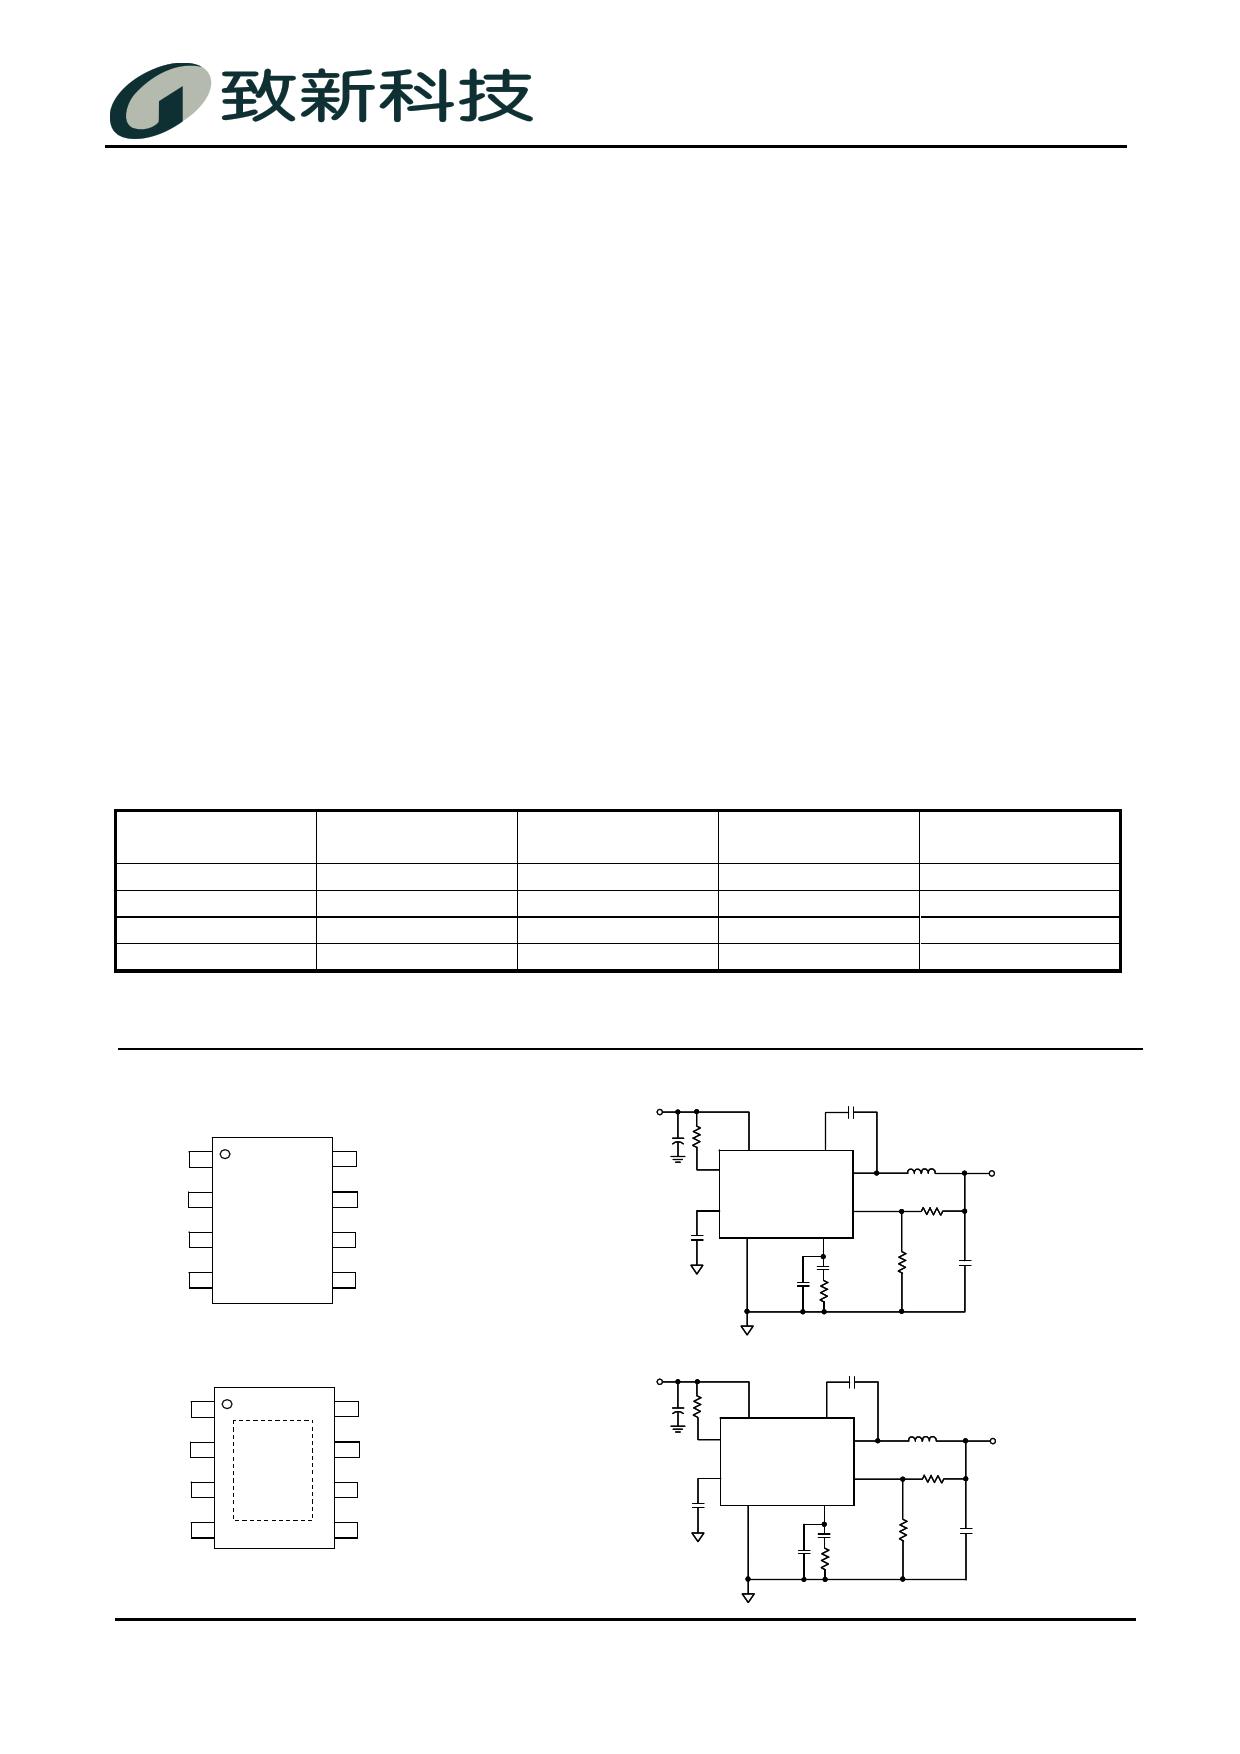 G5797 Datasheet, G5797 PDF,ピン配置, 機能